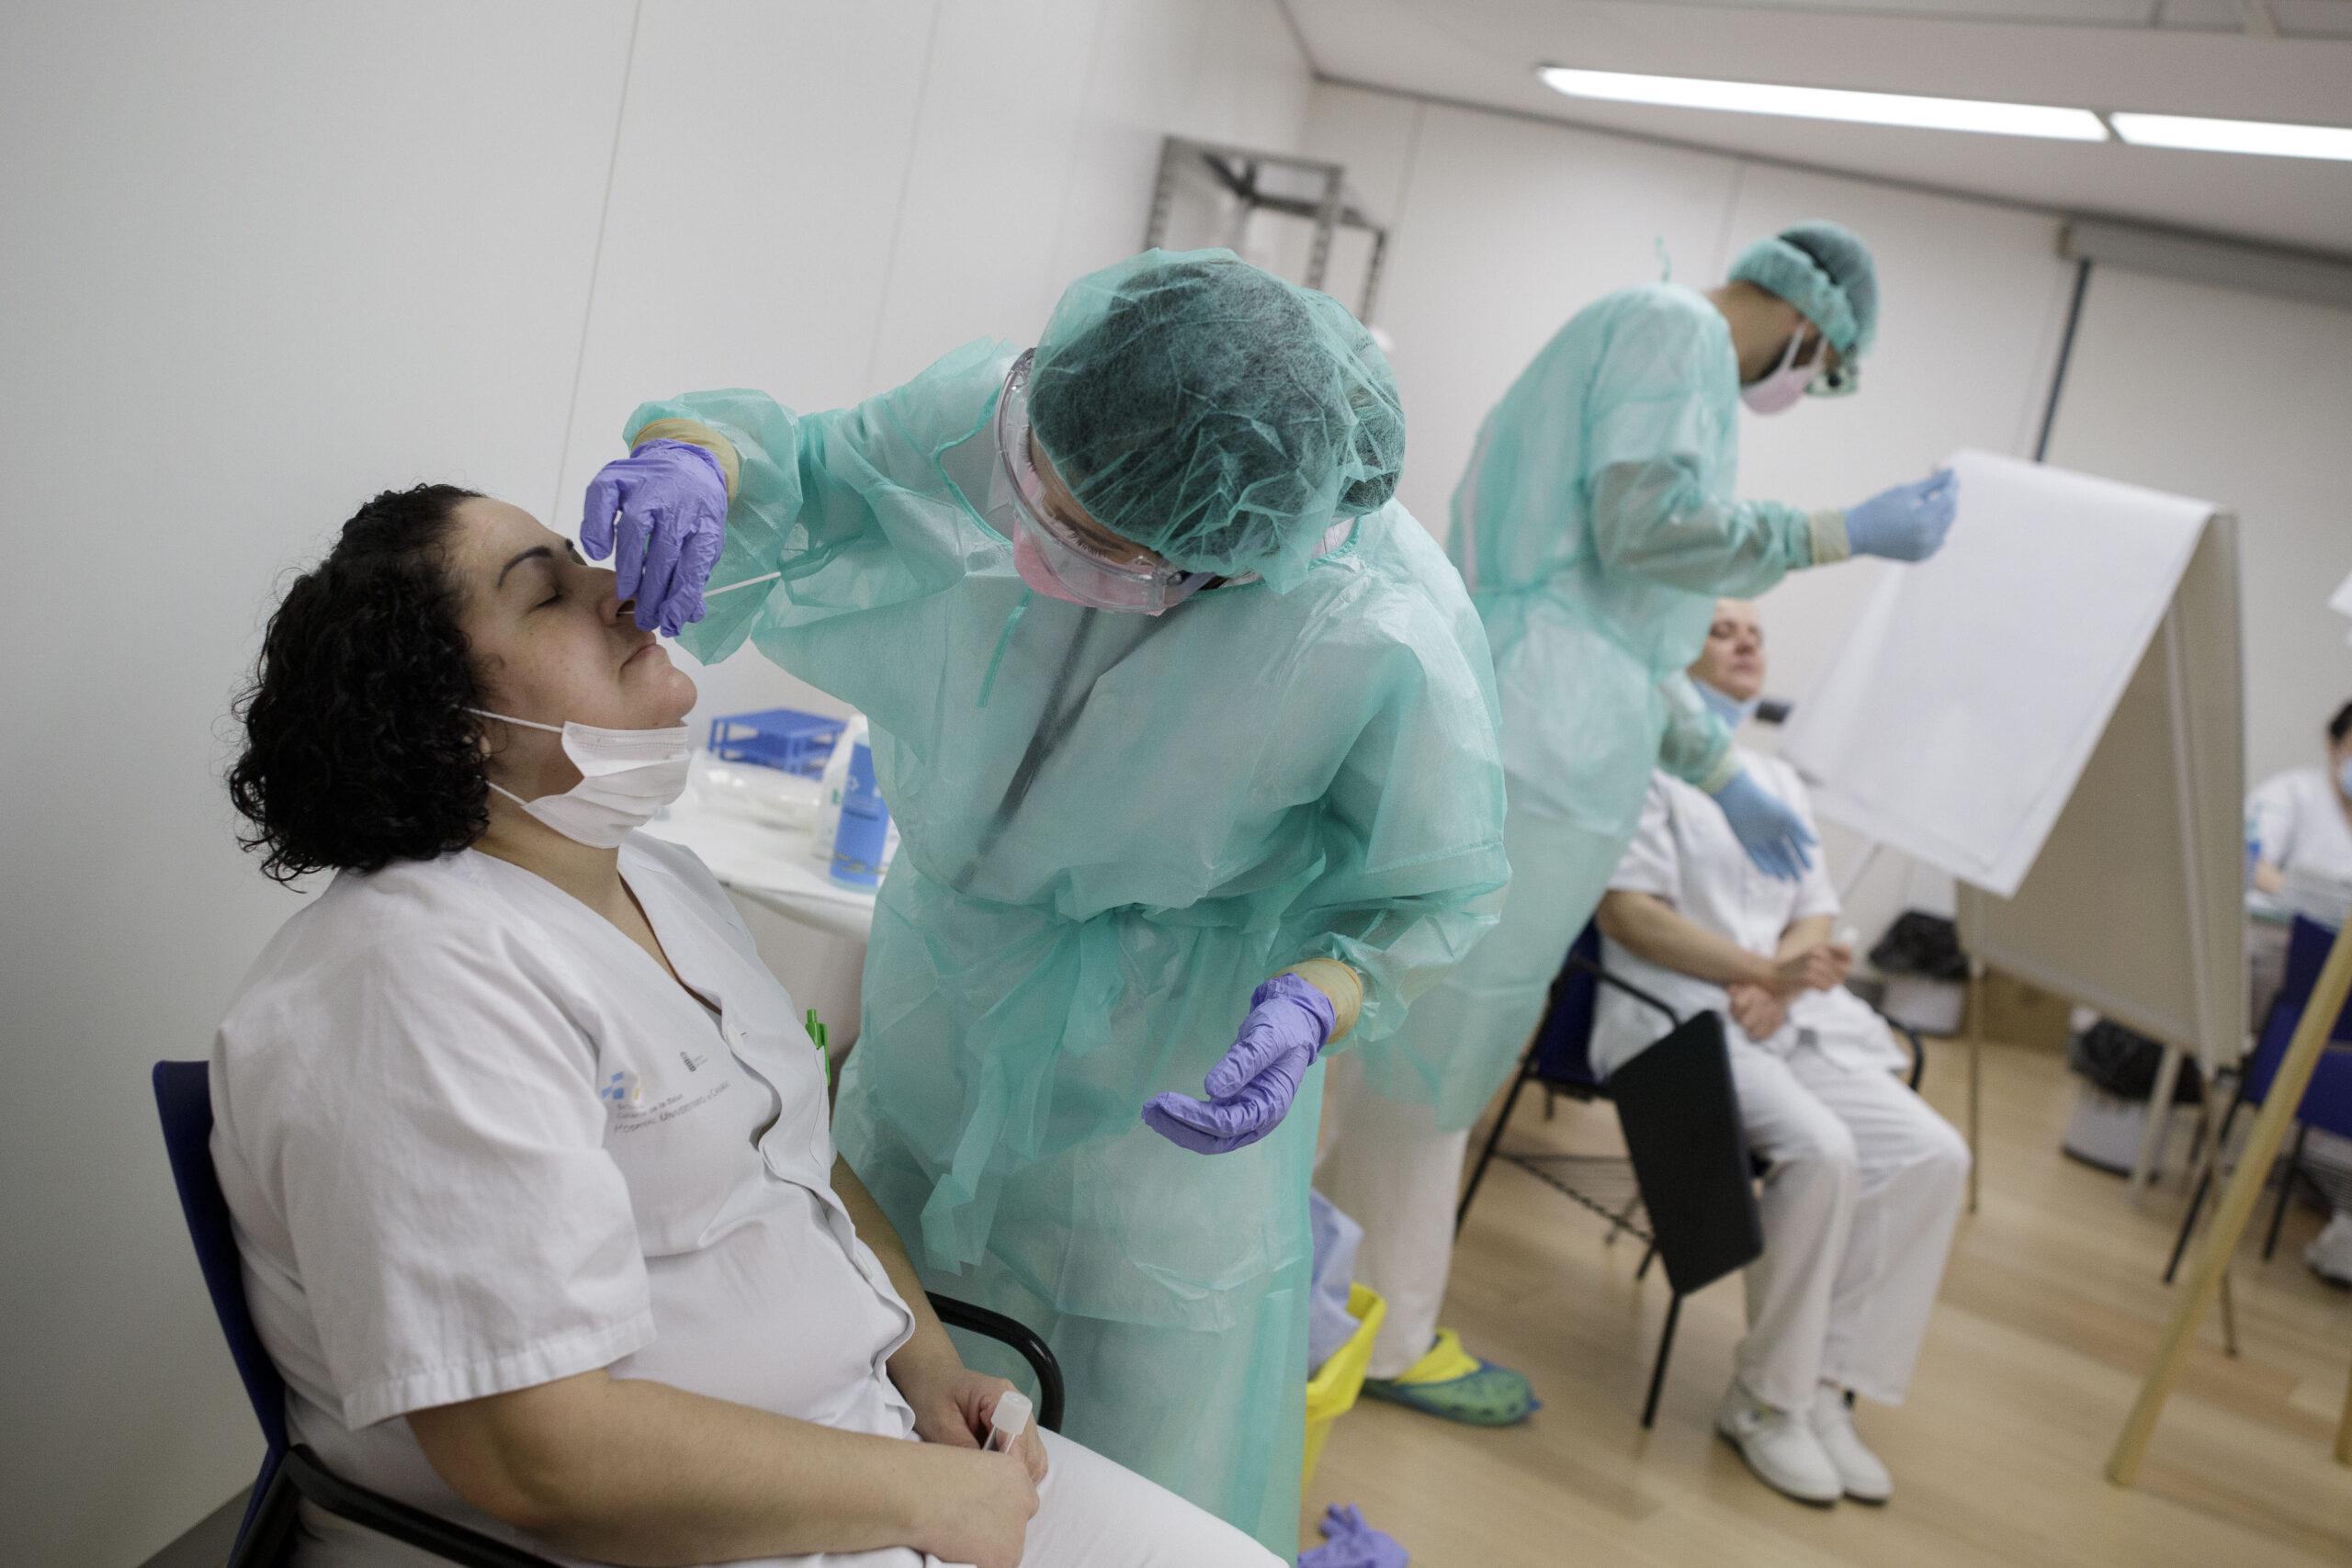 Mención de Honor. Categoría: Sociedad (Serie). Personal sanitario se realiza pruebas periódicas PCR en el Hospital Universitario de Canarias, para detectar posibles casos de Covid-19. Ramón de la Rocha